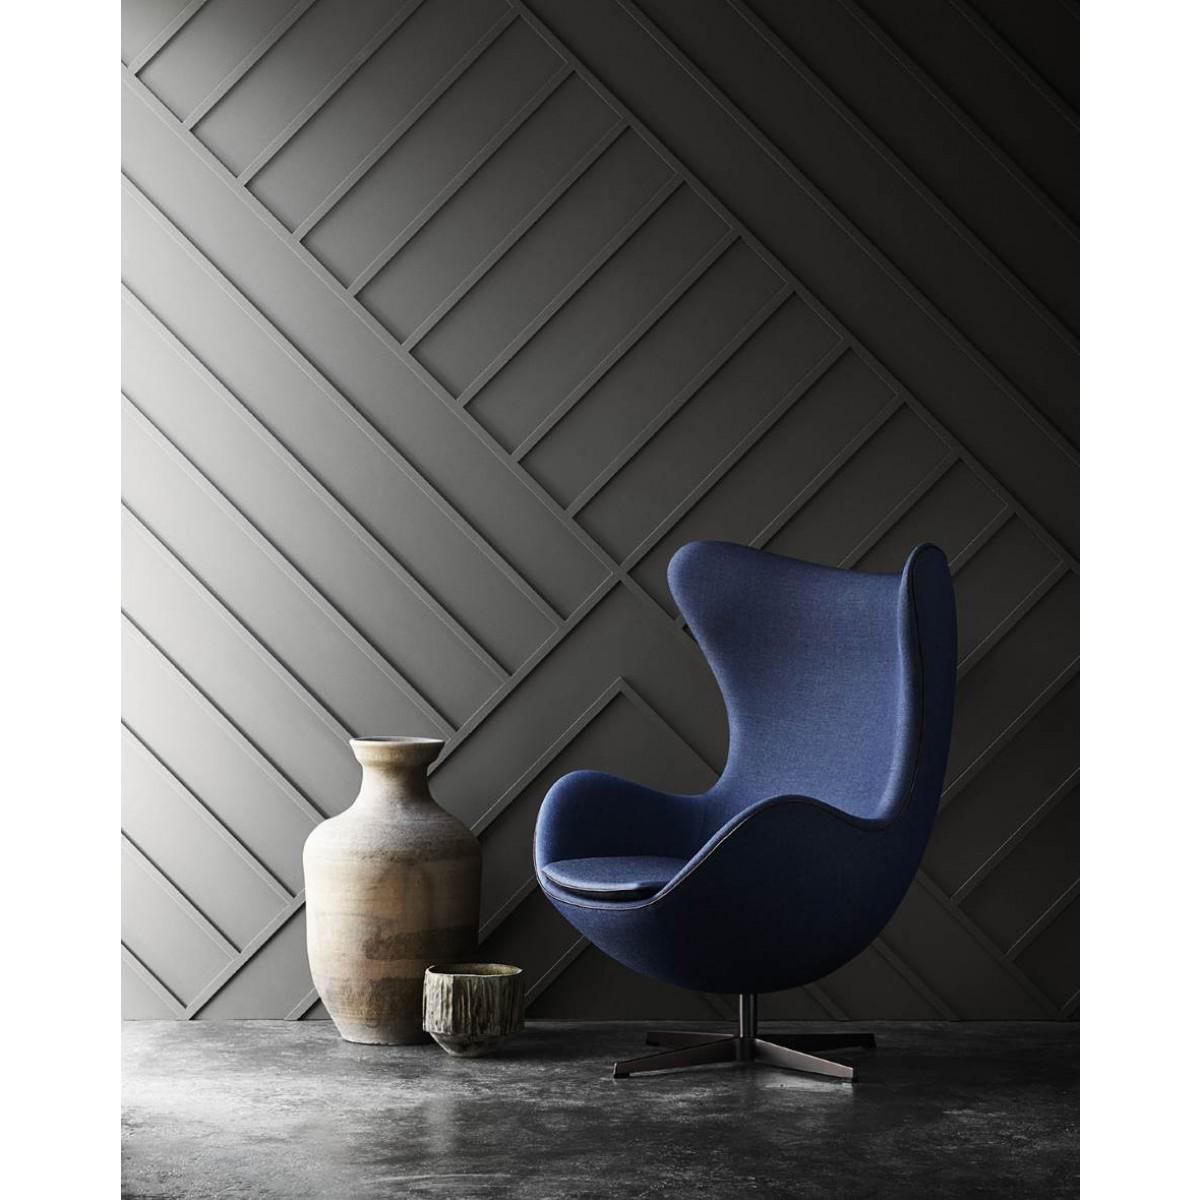 http://www.sora-design.com/images/bl-3249.jp.jpg